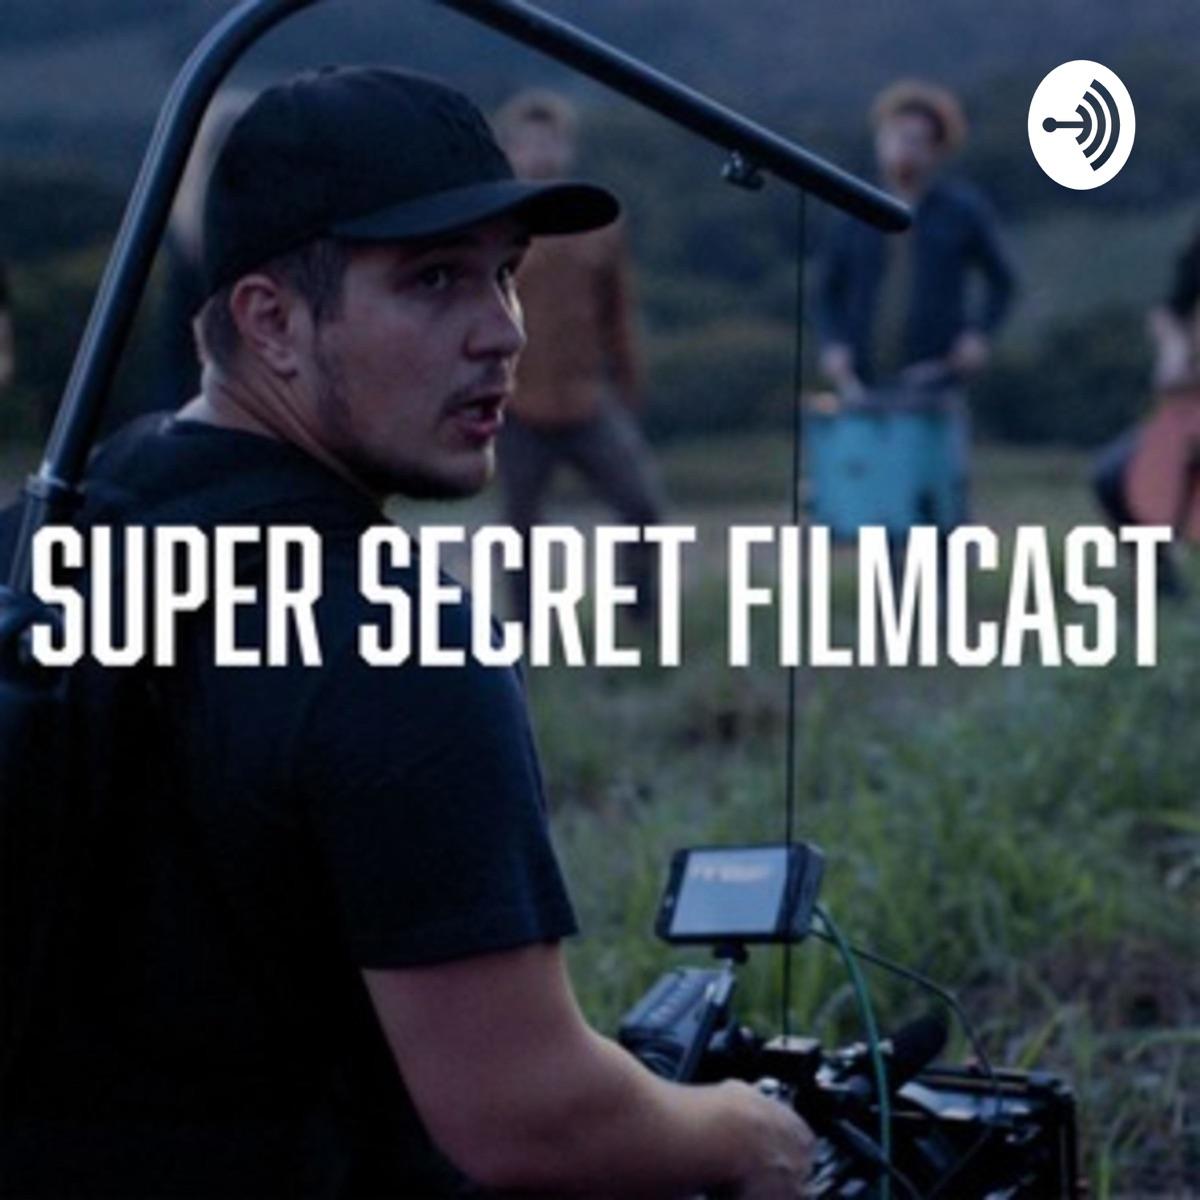 Super Secret Filmcast